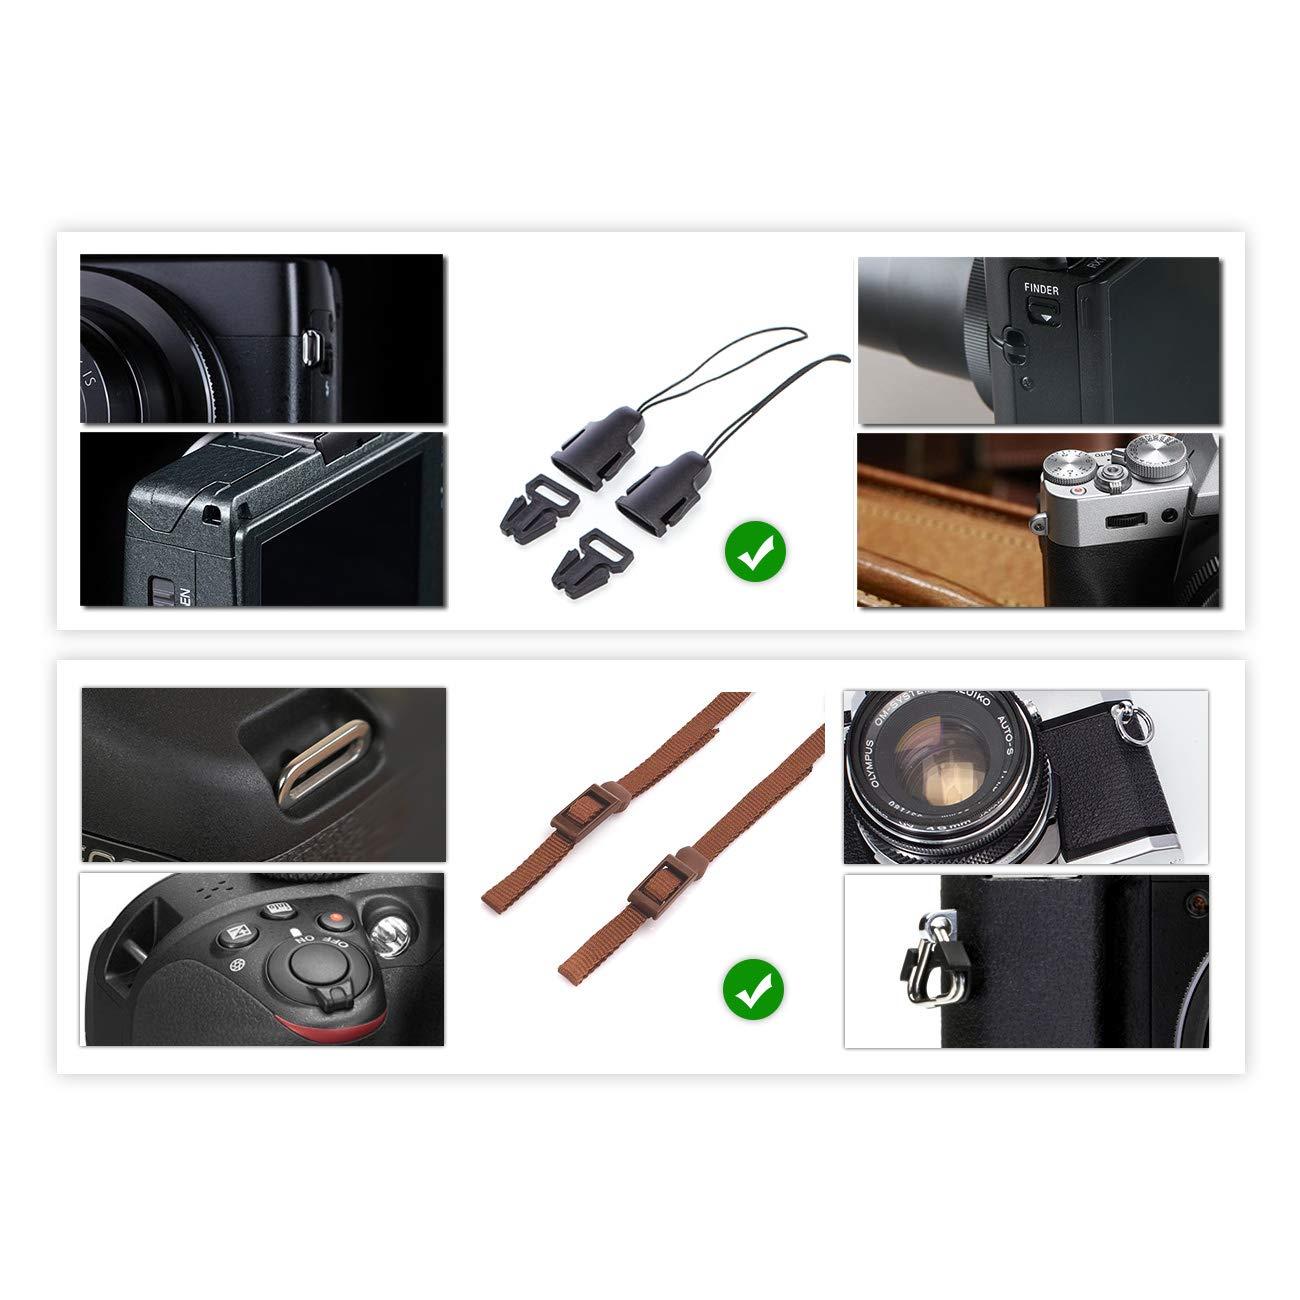 TARION Tracolla per Fotocamera Reflex con Fermaglio a Lancio Multiuso Colore Cachi Stile Vintage Qualit/à Buona Comodo e Sicuro Lunghezza Regolabile